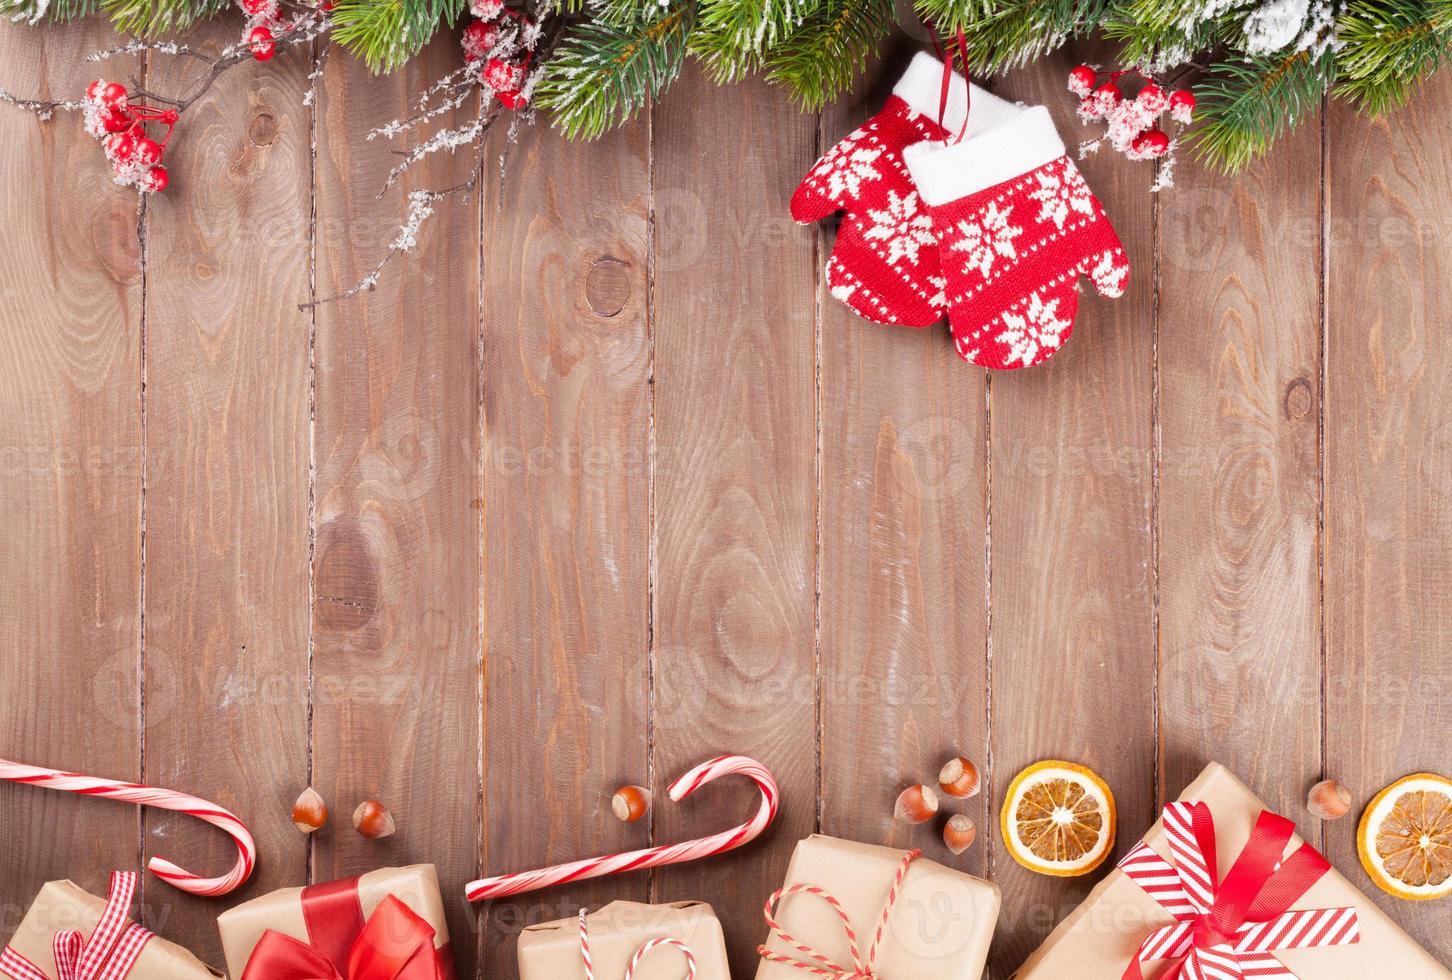 jul bakgrund med gran och presentaskar foto